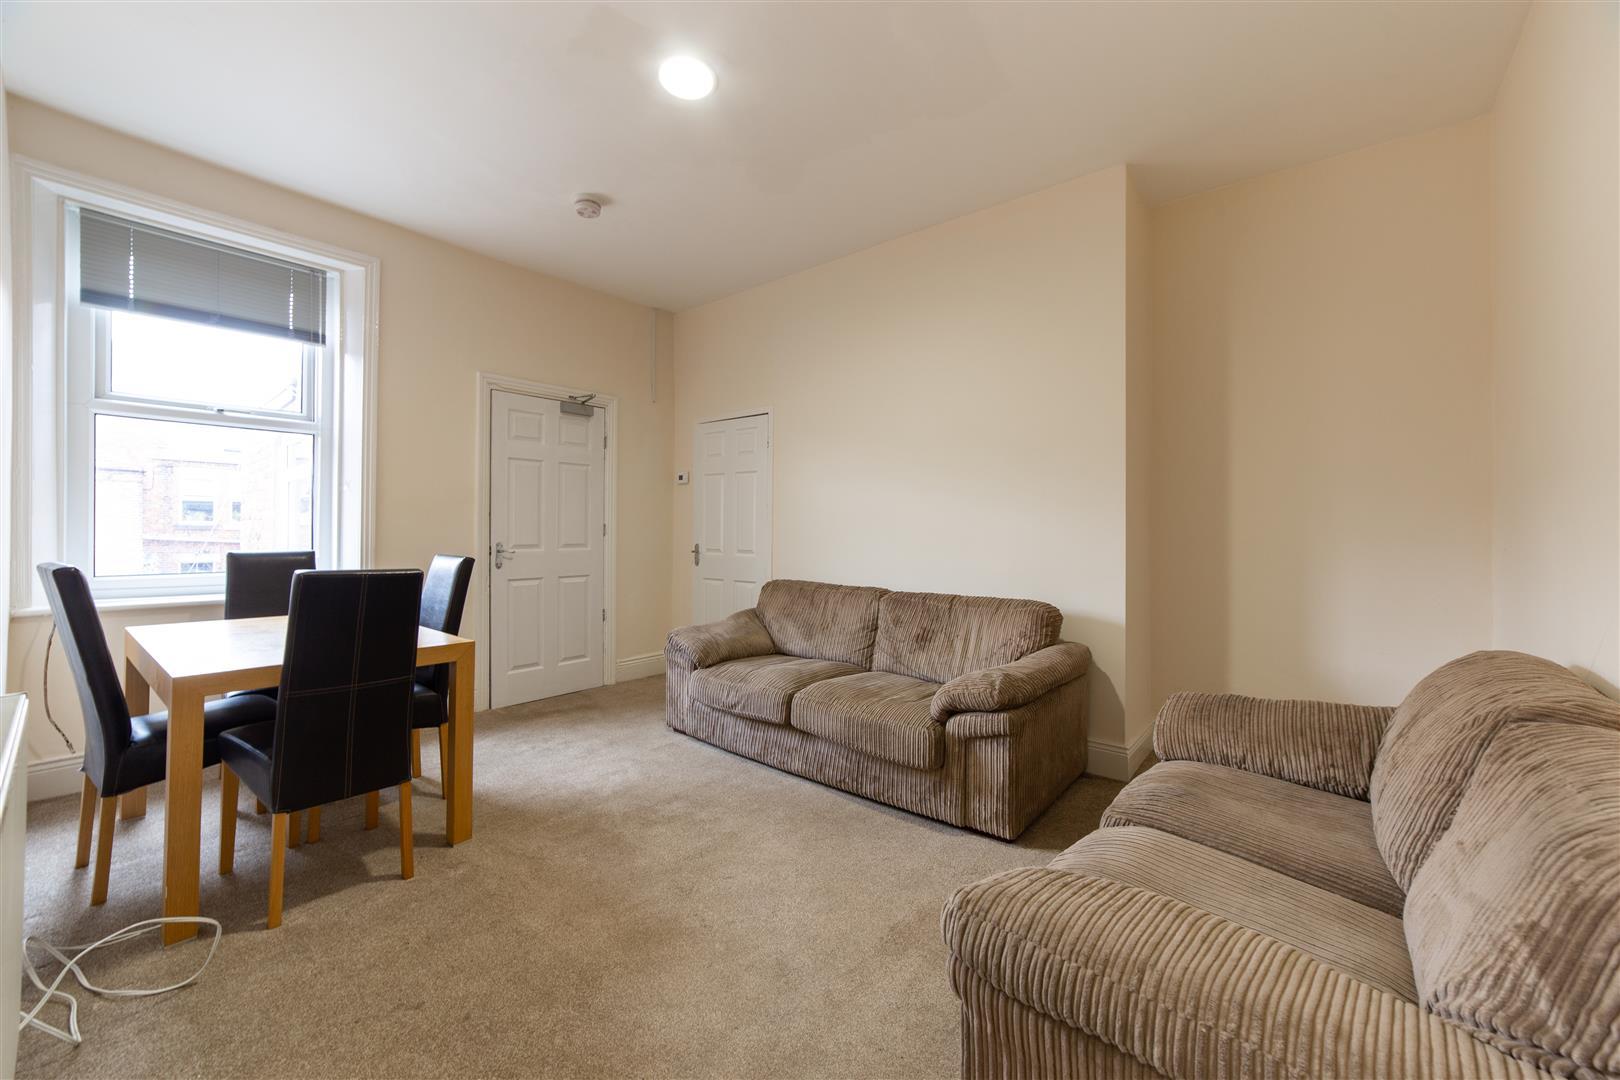 2 bed flat to rent in Simonside Terrace, Heaton, NE6